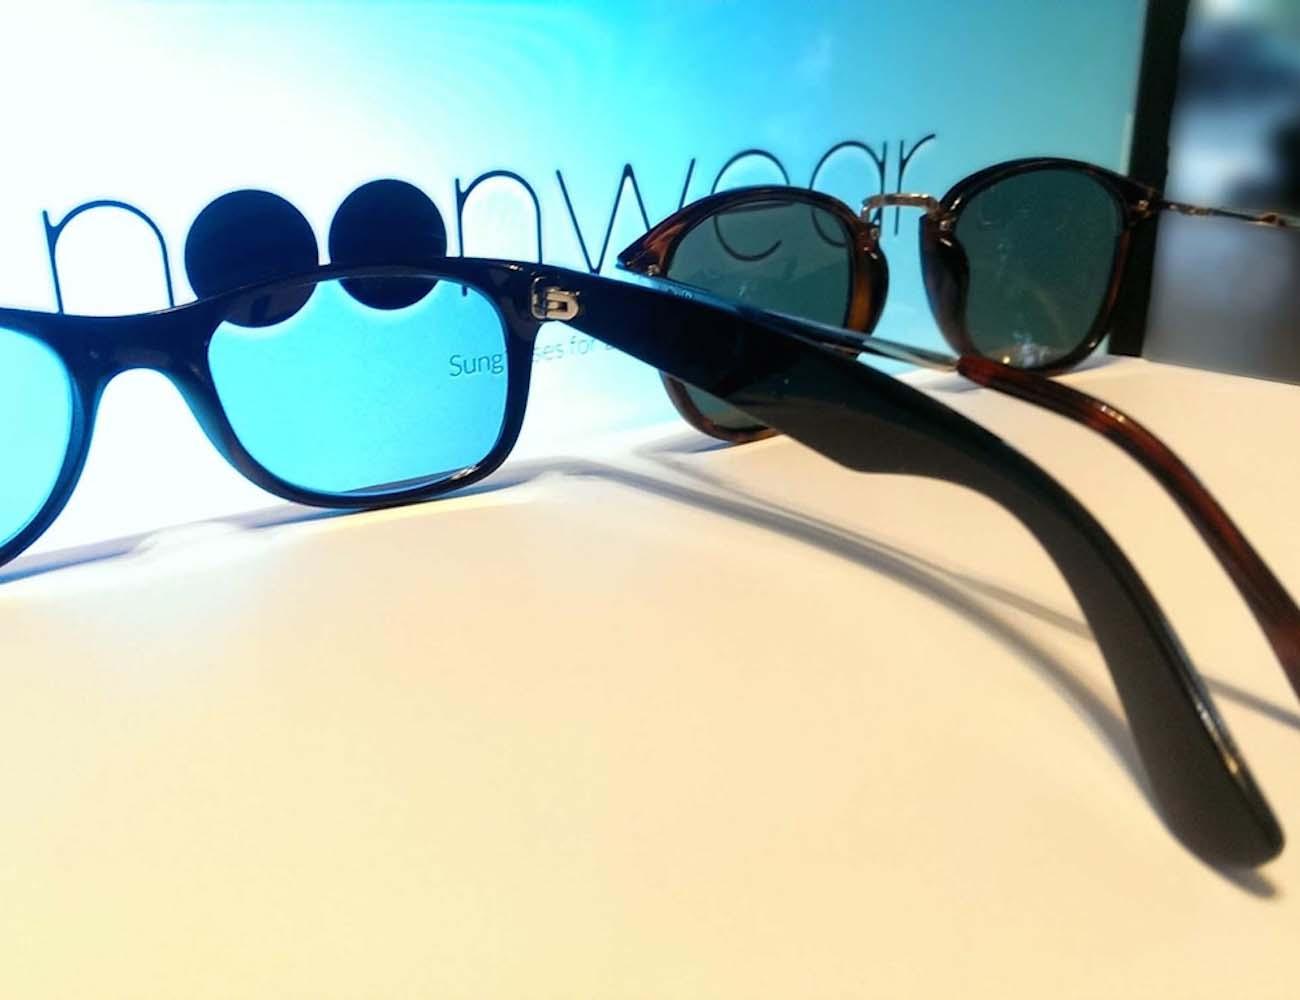 NoonWear Sunglasses for Electronics